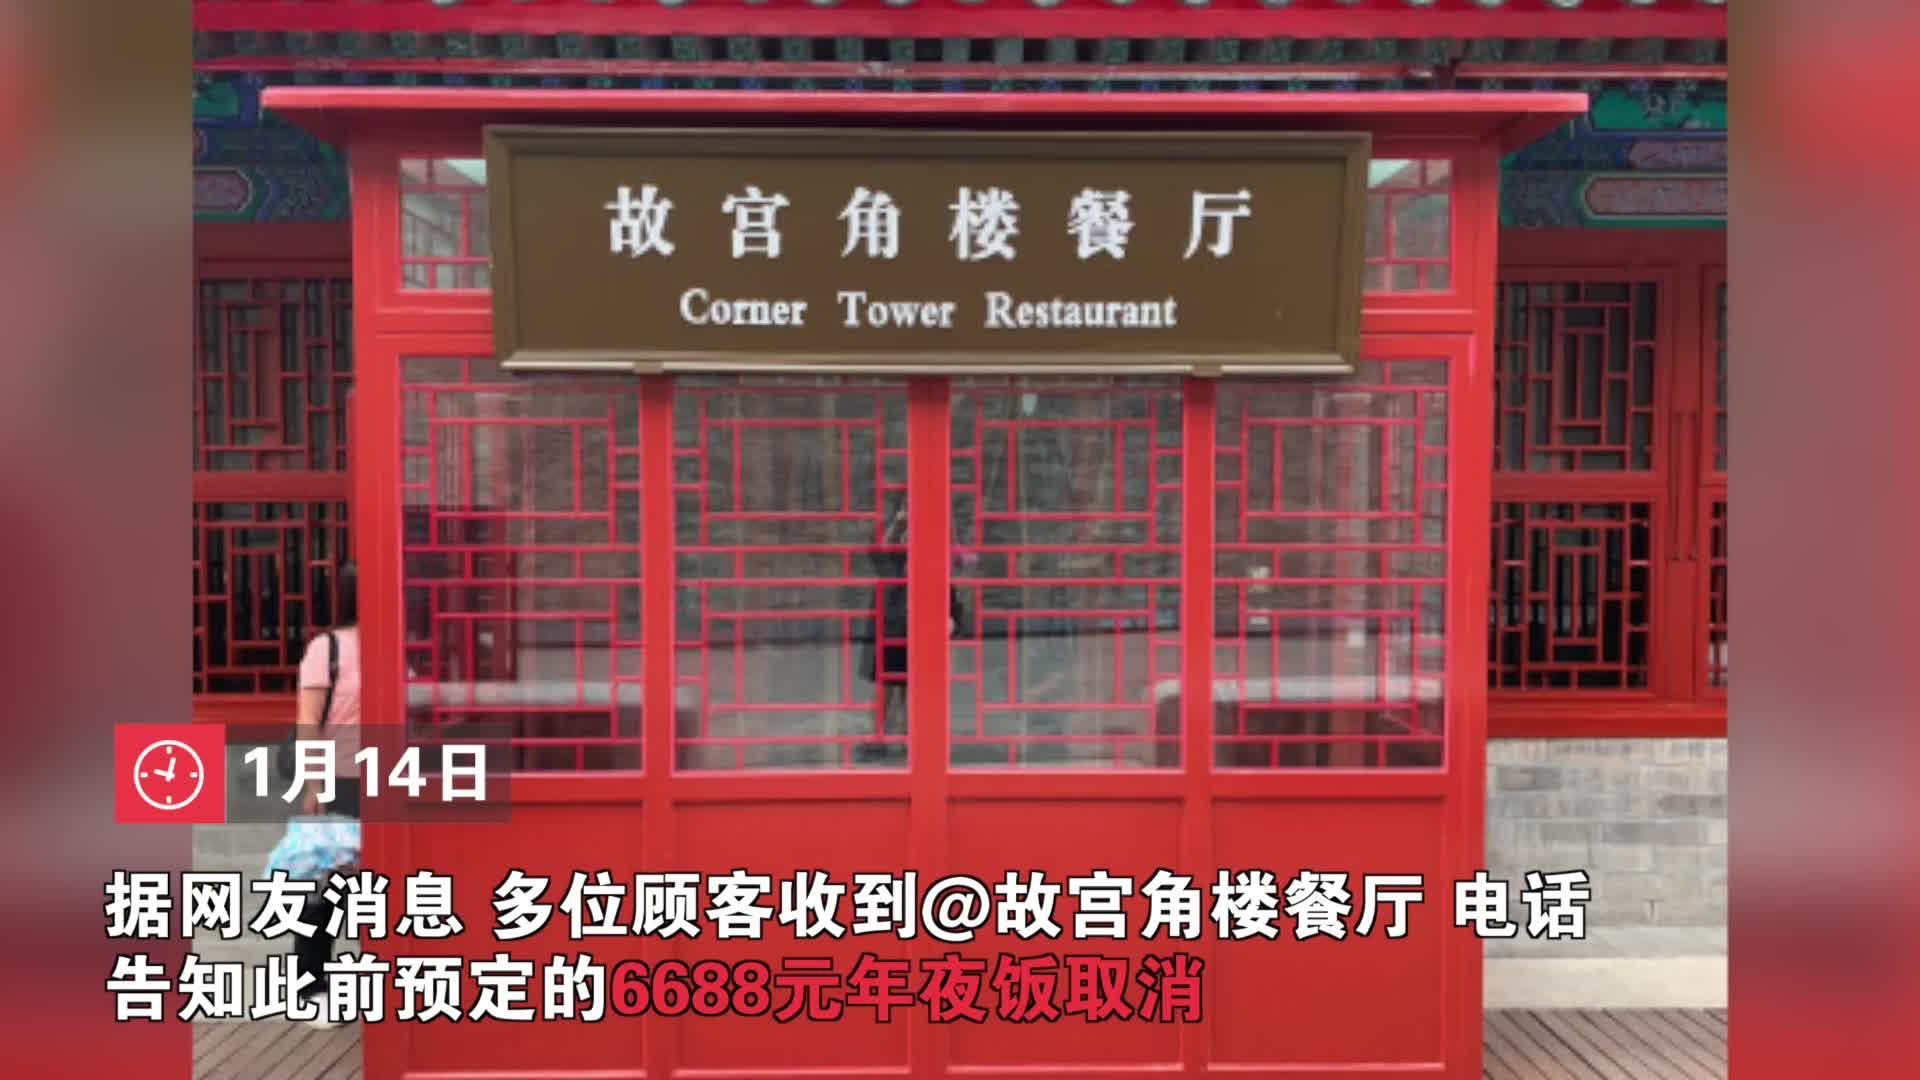 故宫角楼餐厅取消6688元年夜饭